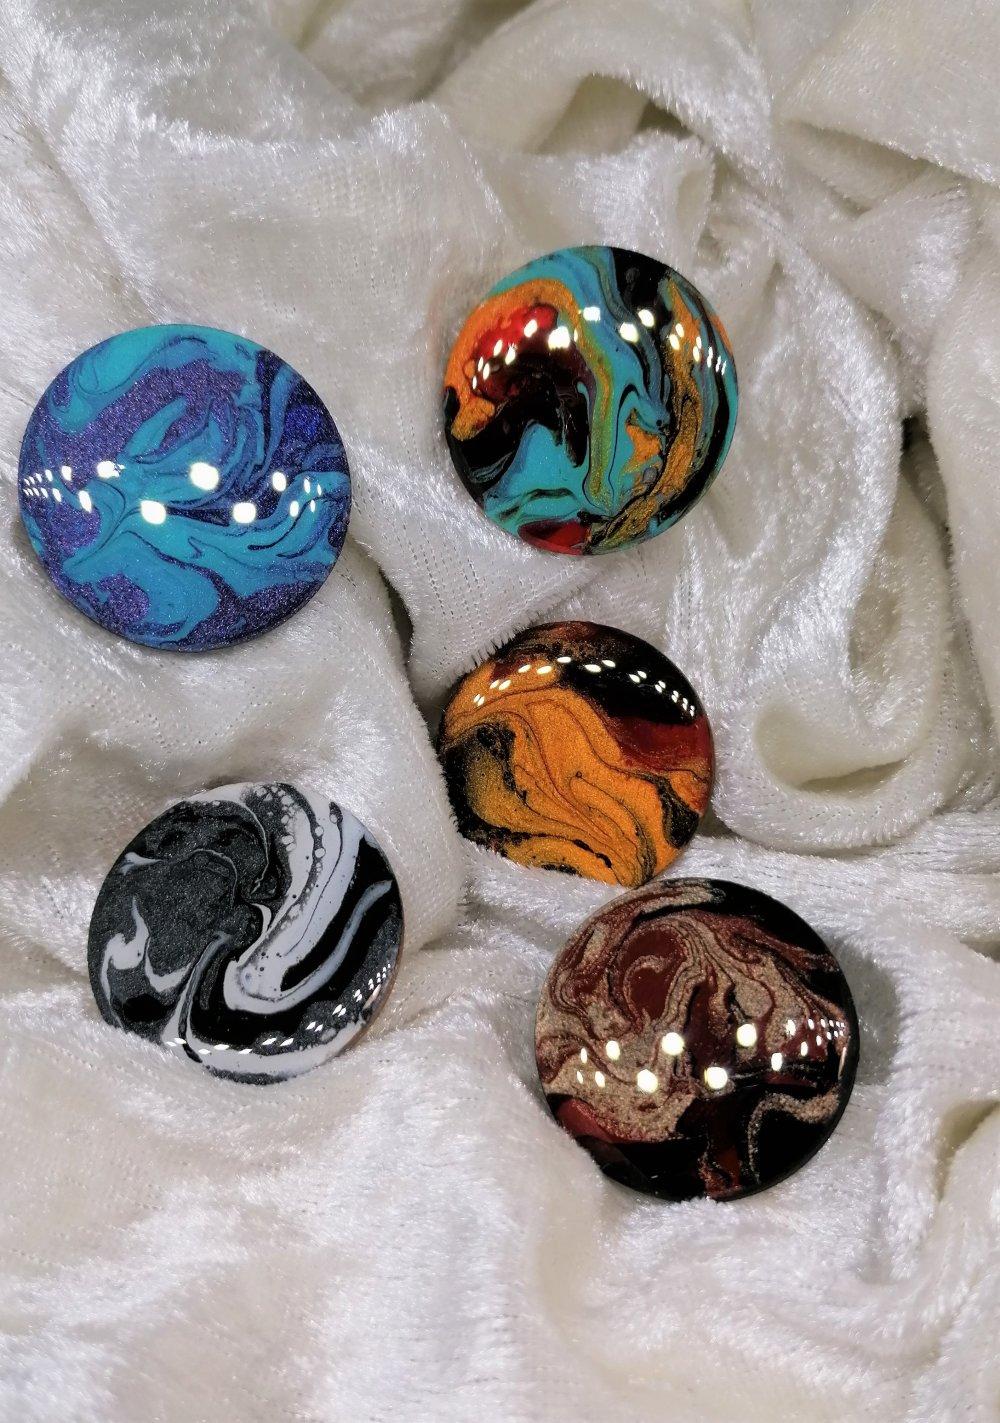 lot de cabochons 30 mm en bois résiné multicolorepour créations bijoux et divers,fournitures bijoux,